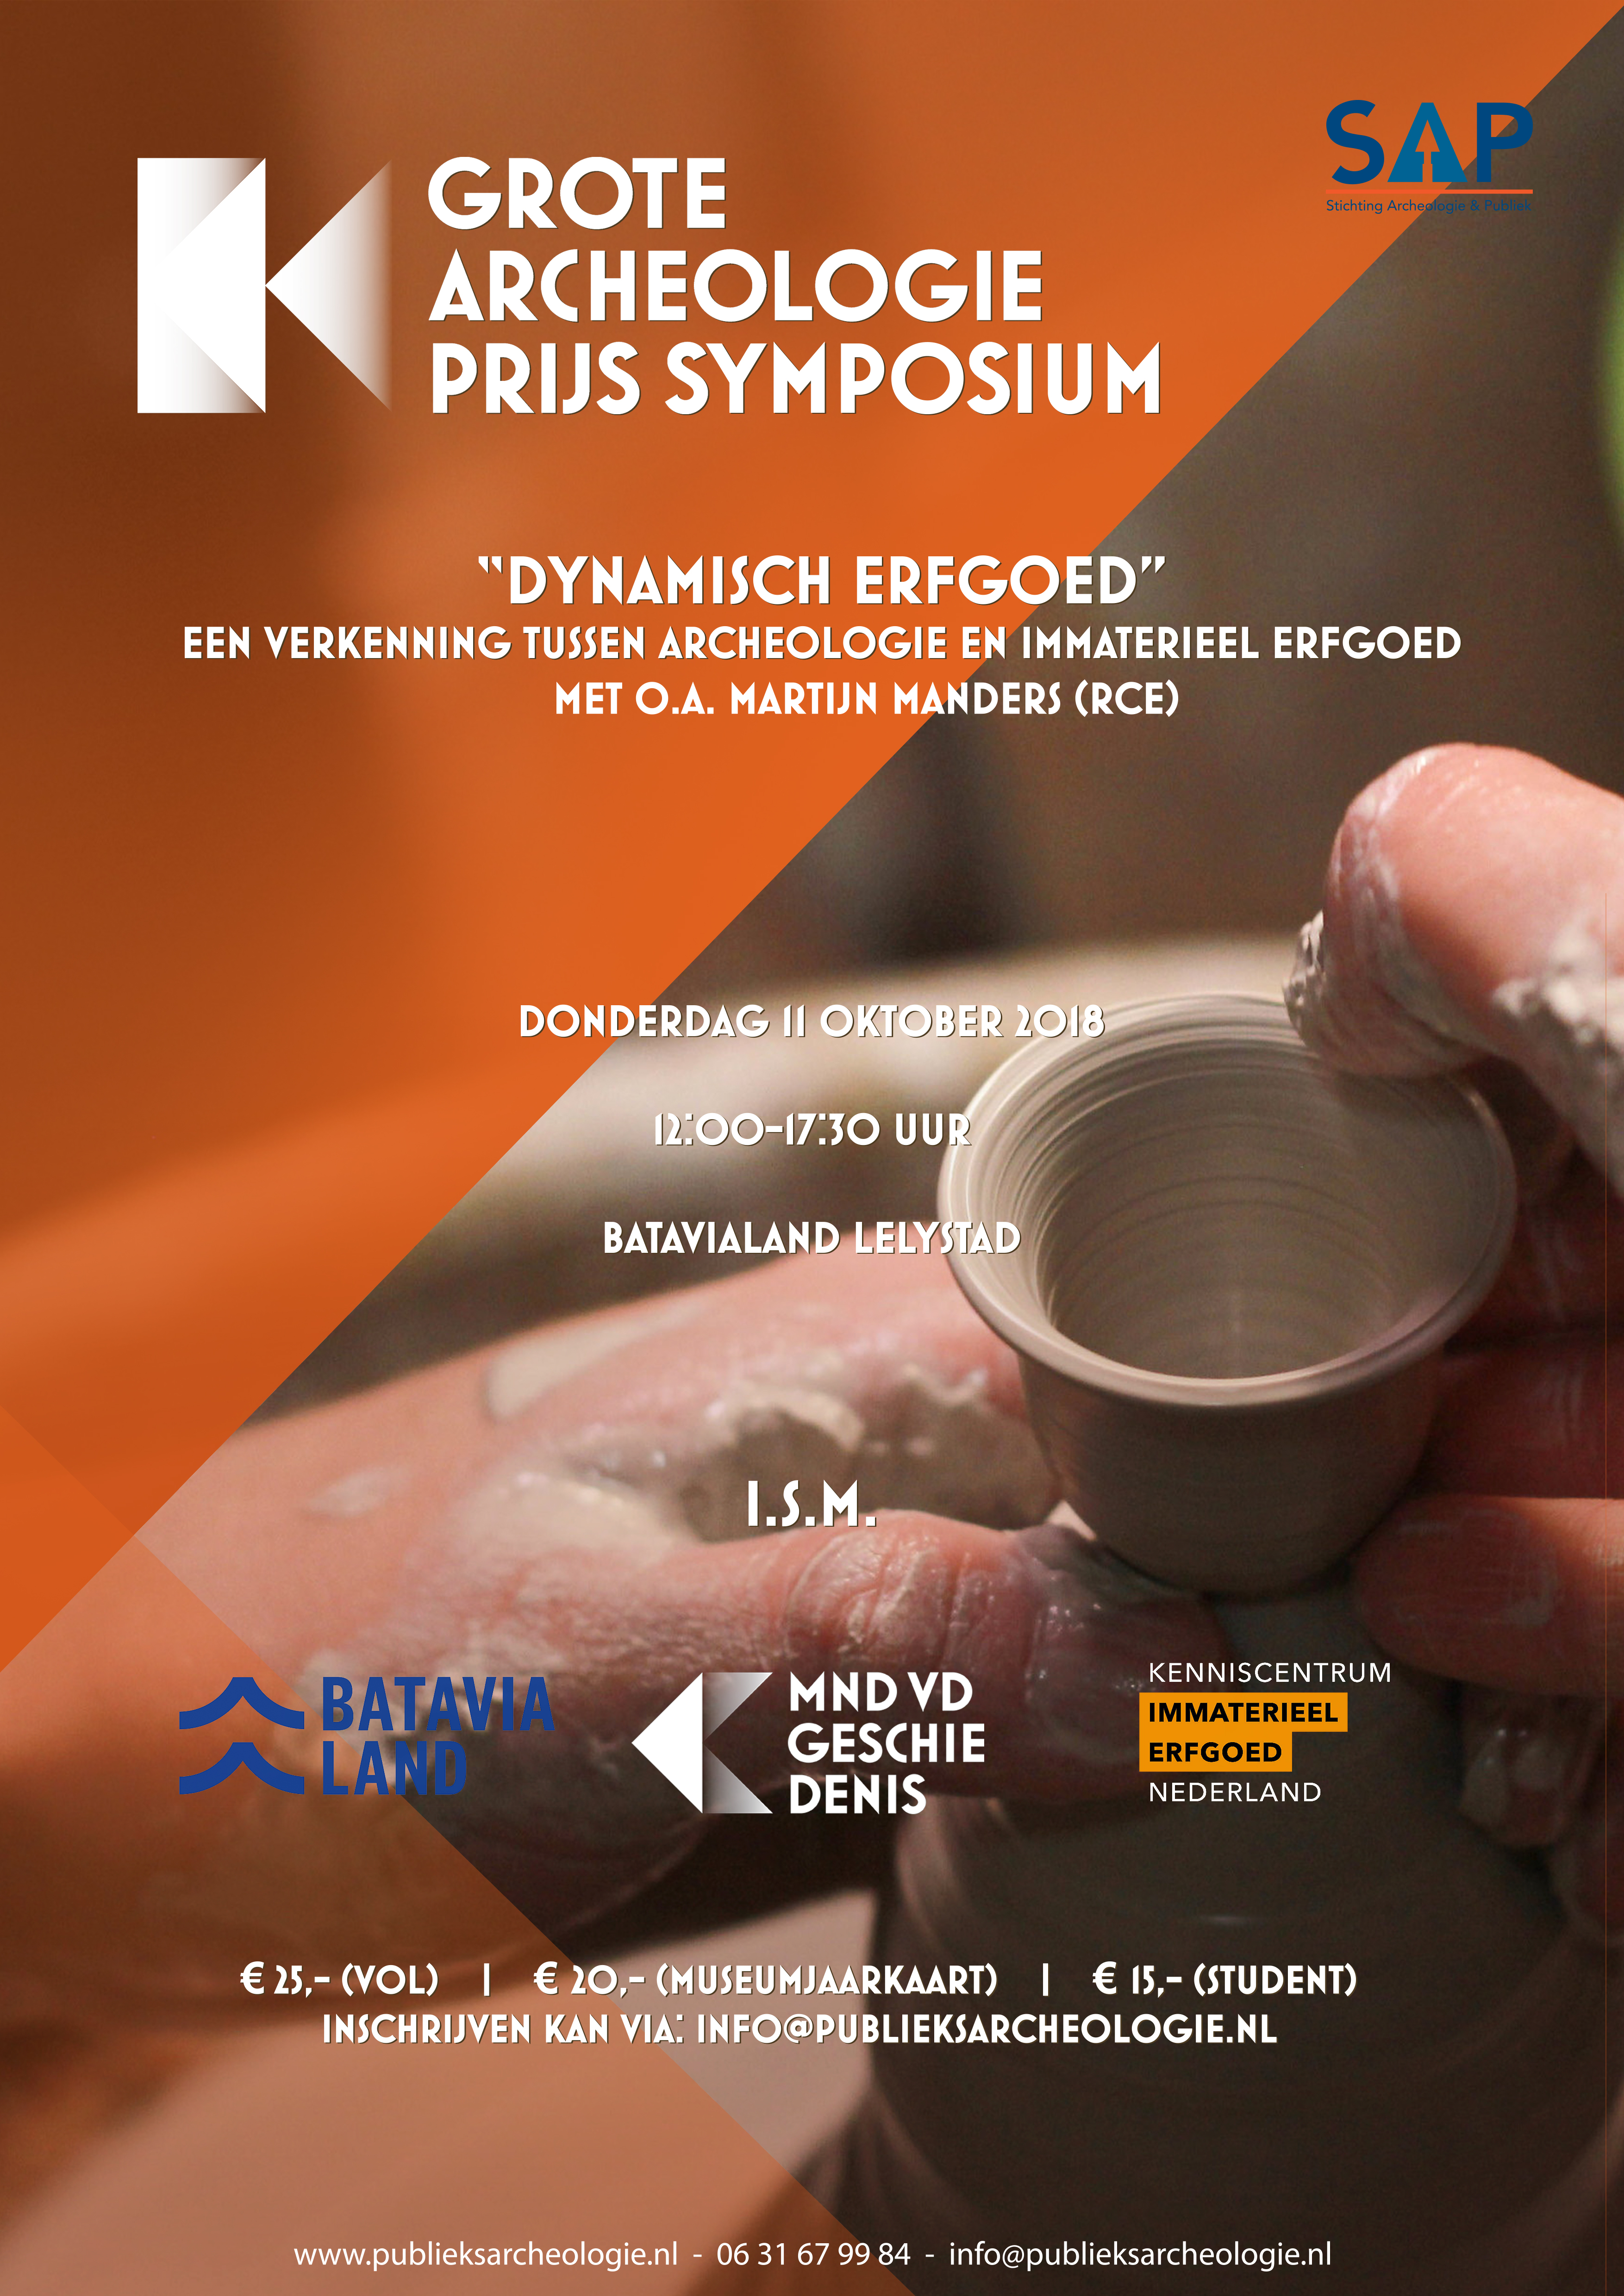 Sap_GAP_Symposium2